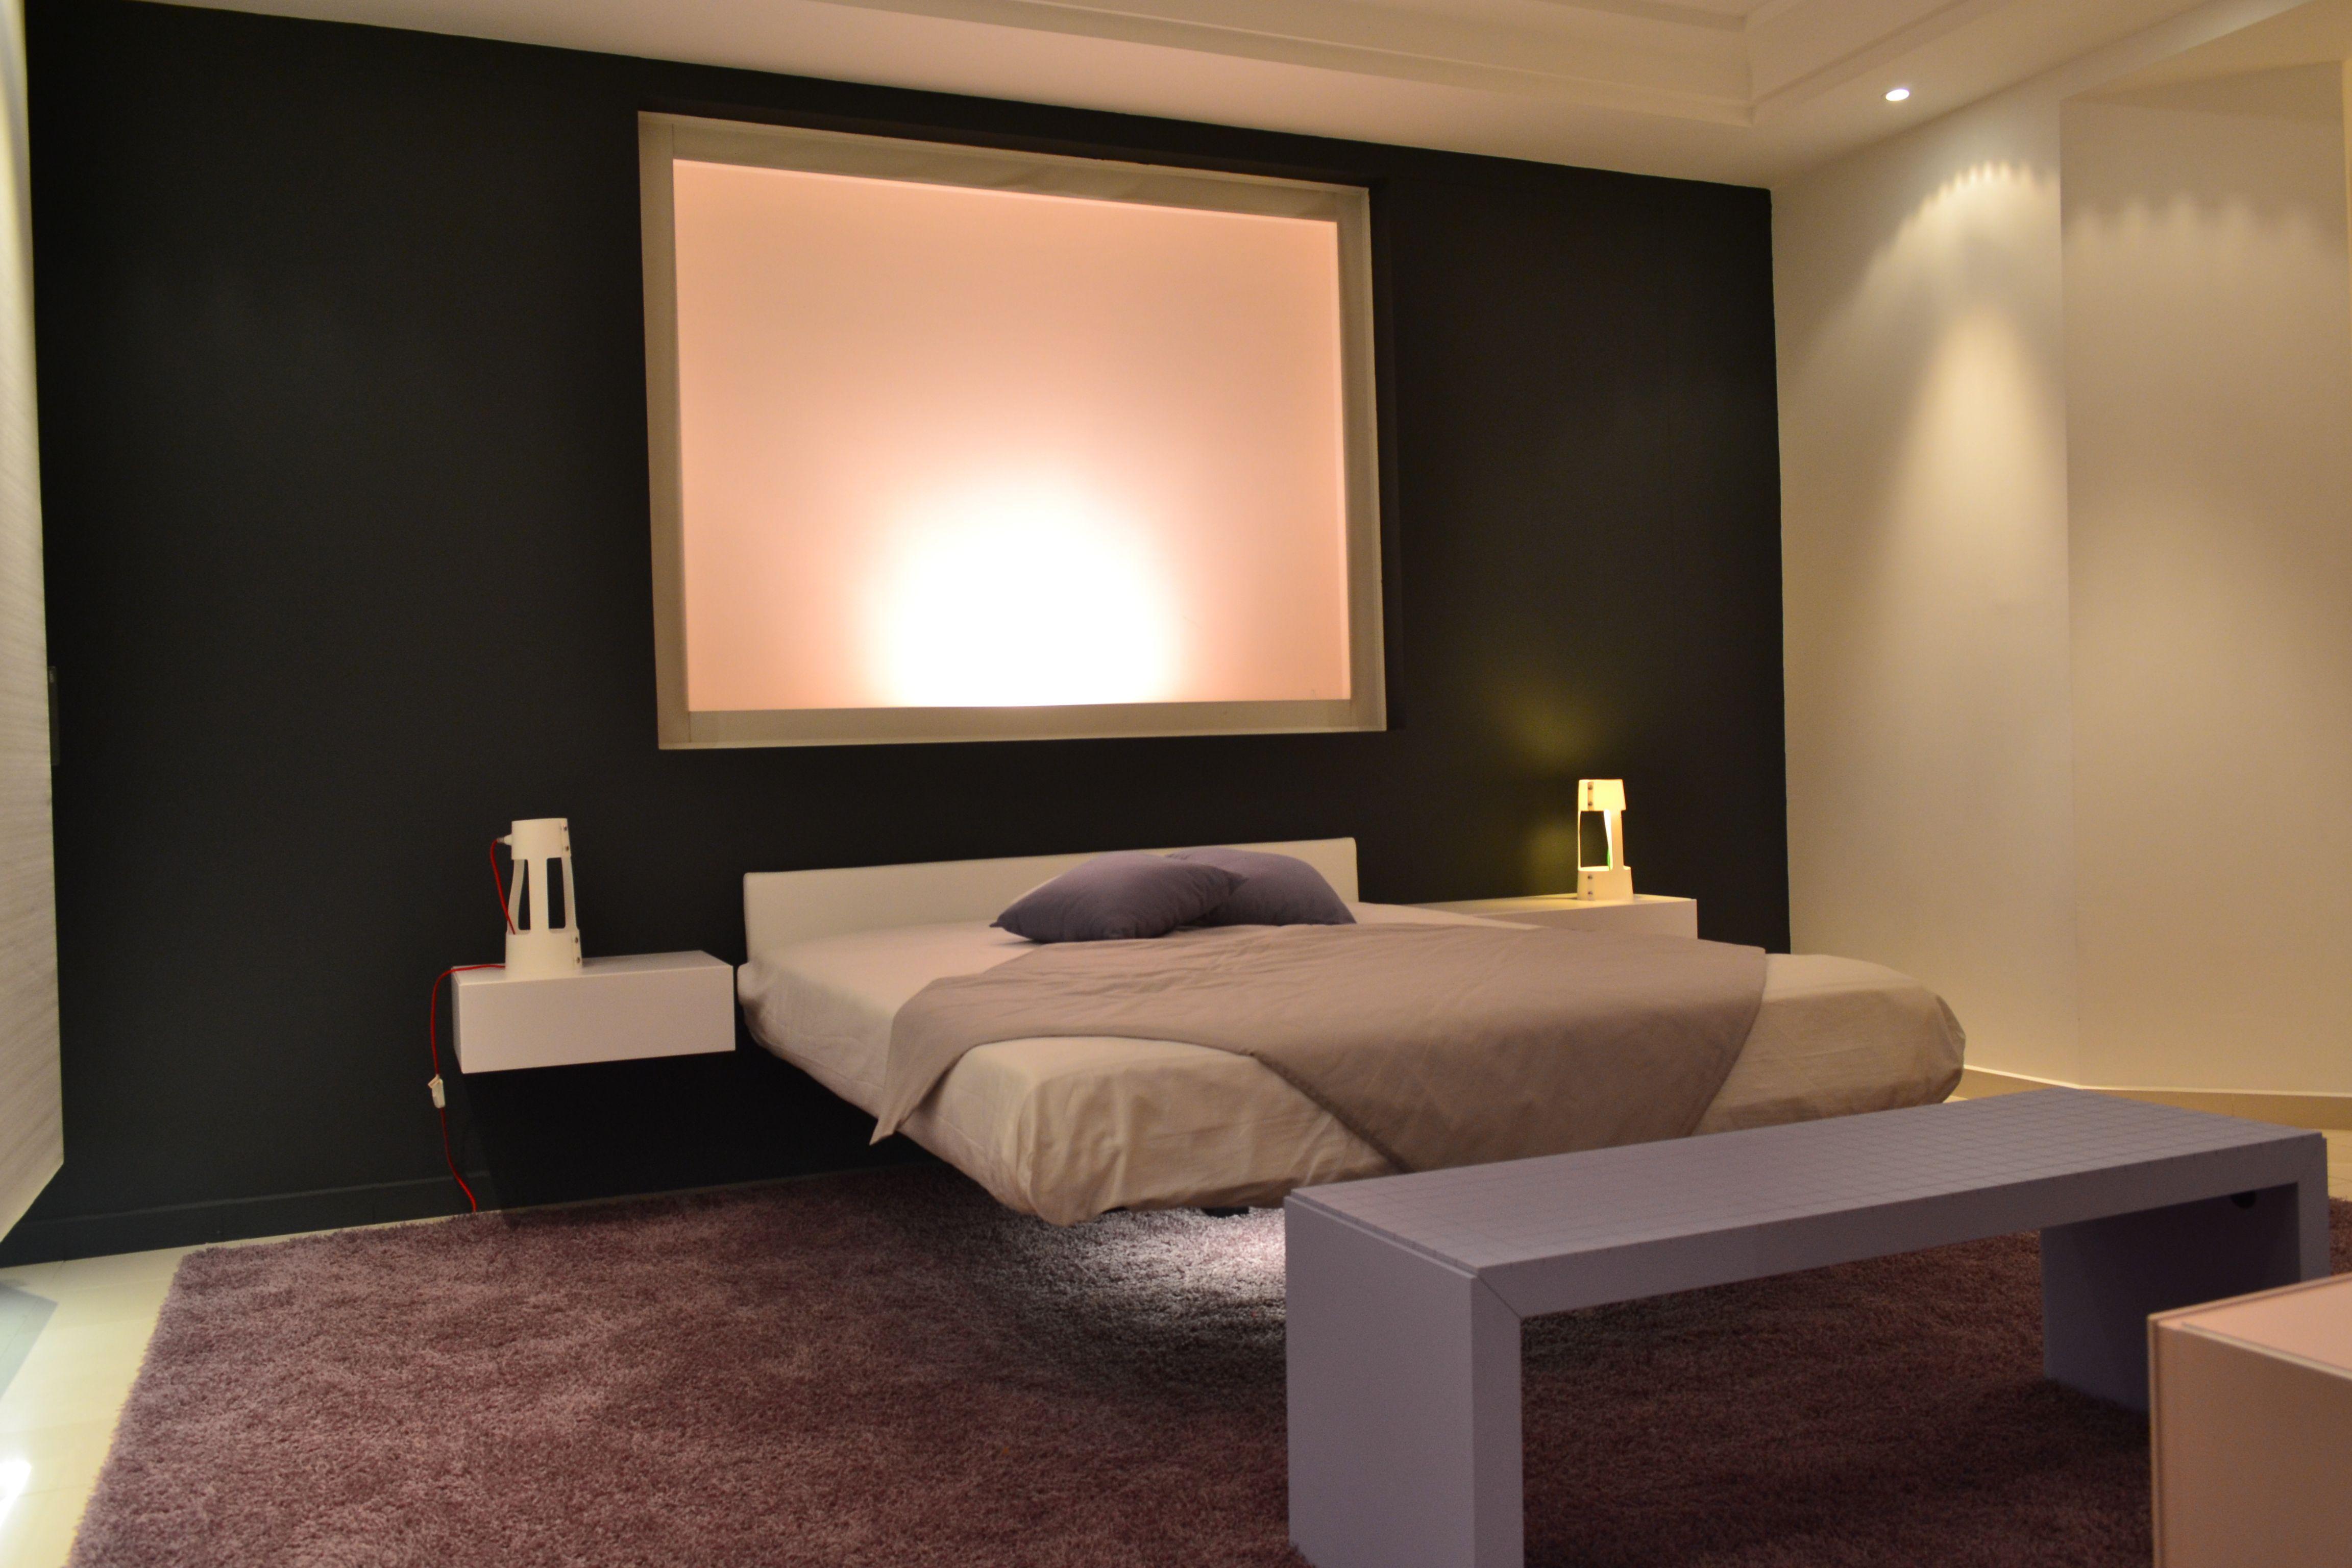 Lago prodotto fluttua fluttua un letto sospeso regolabile in altezza e disponibile nelle - Lago letto air ...